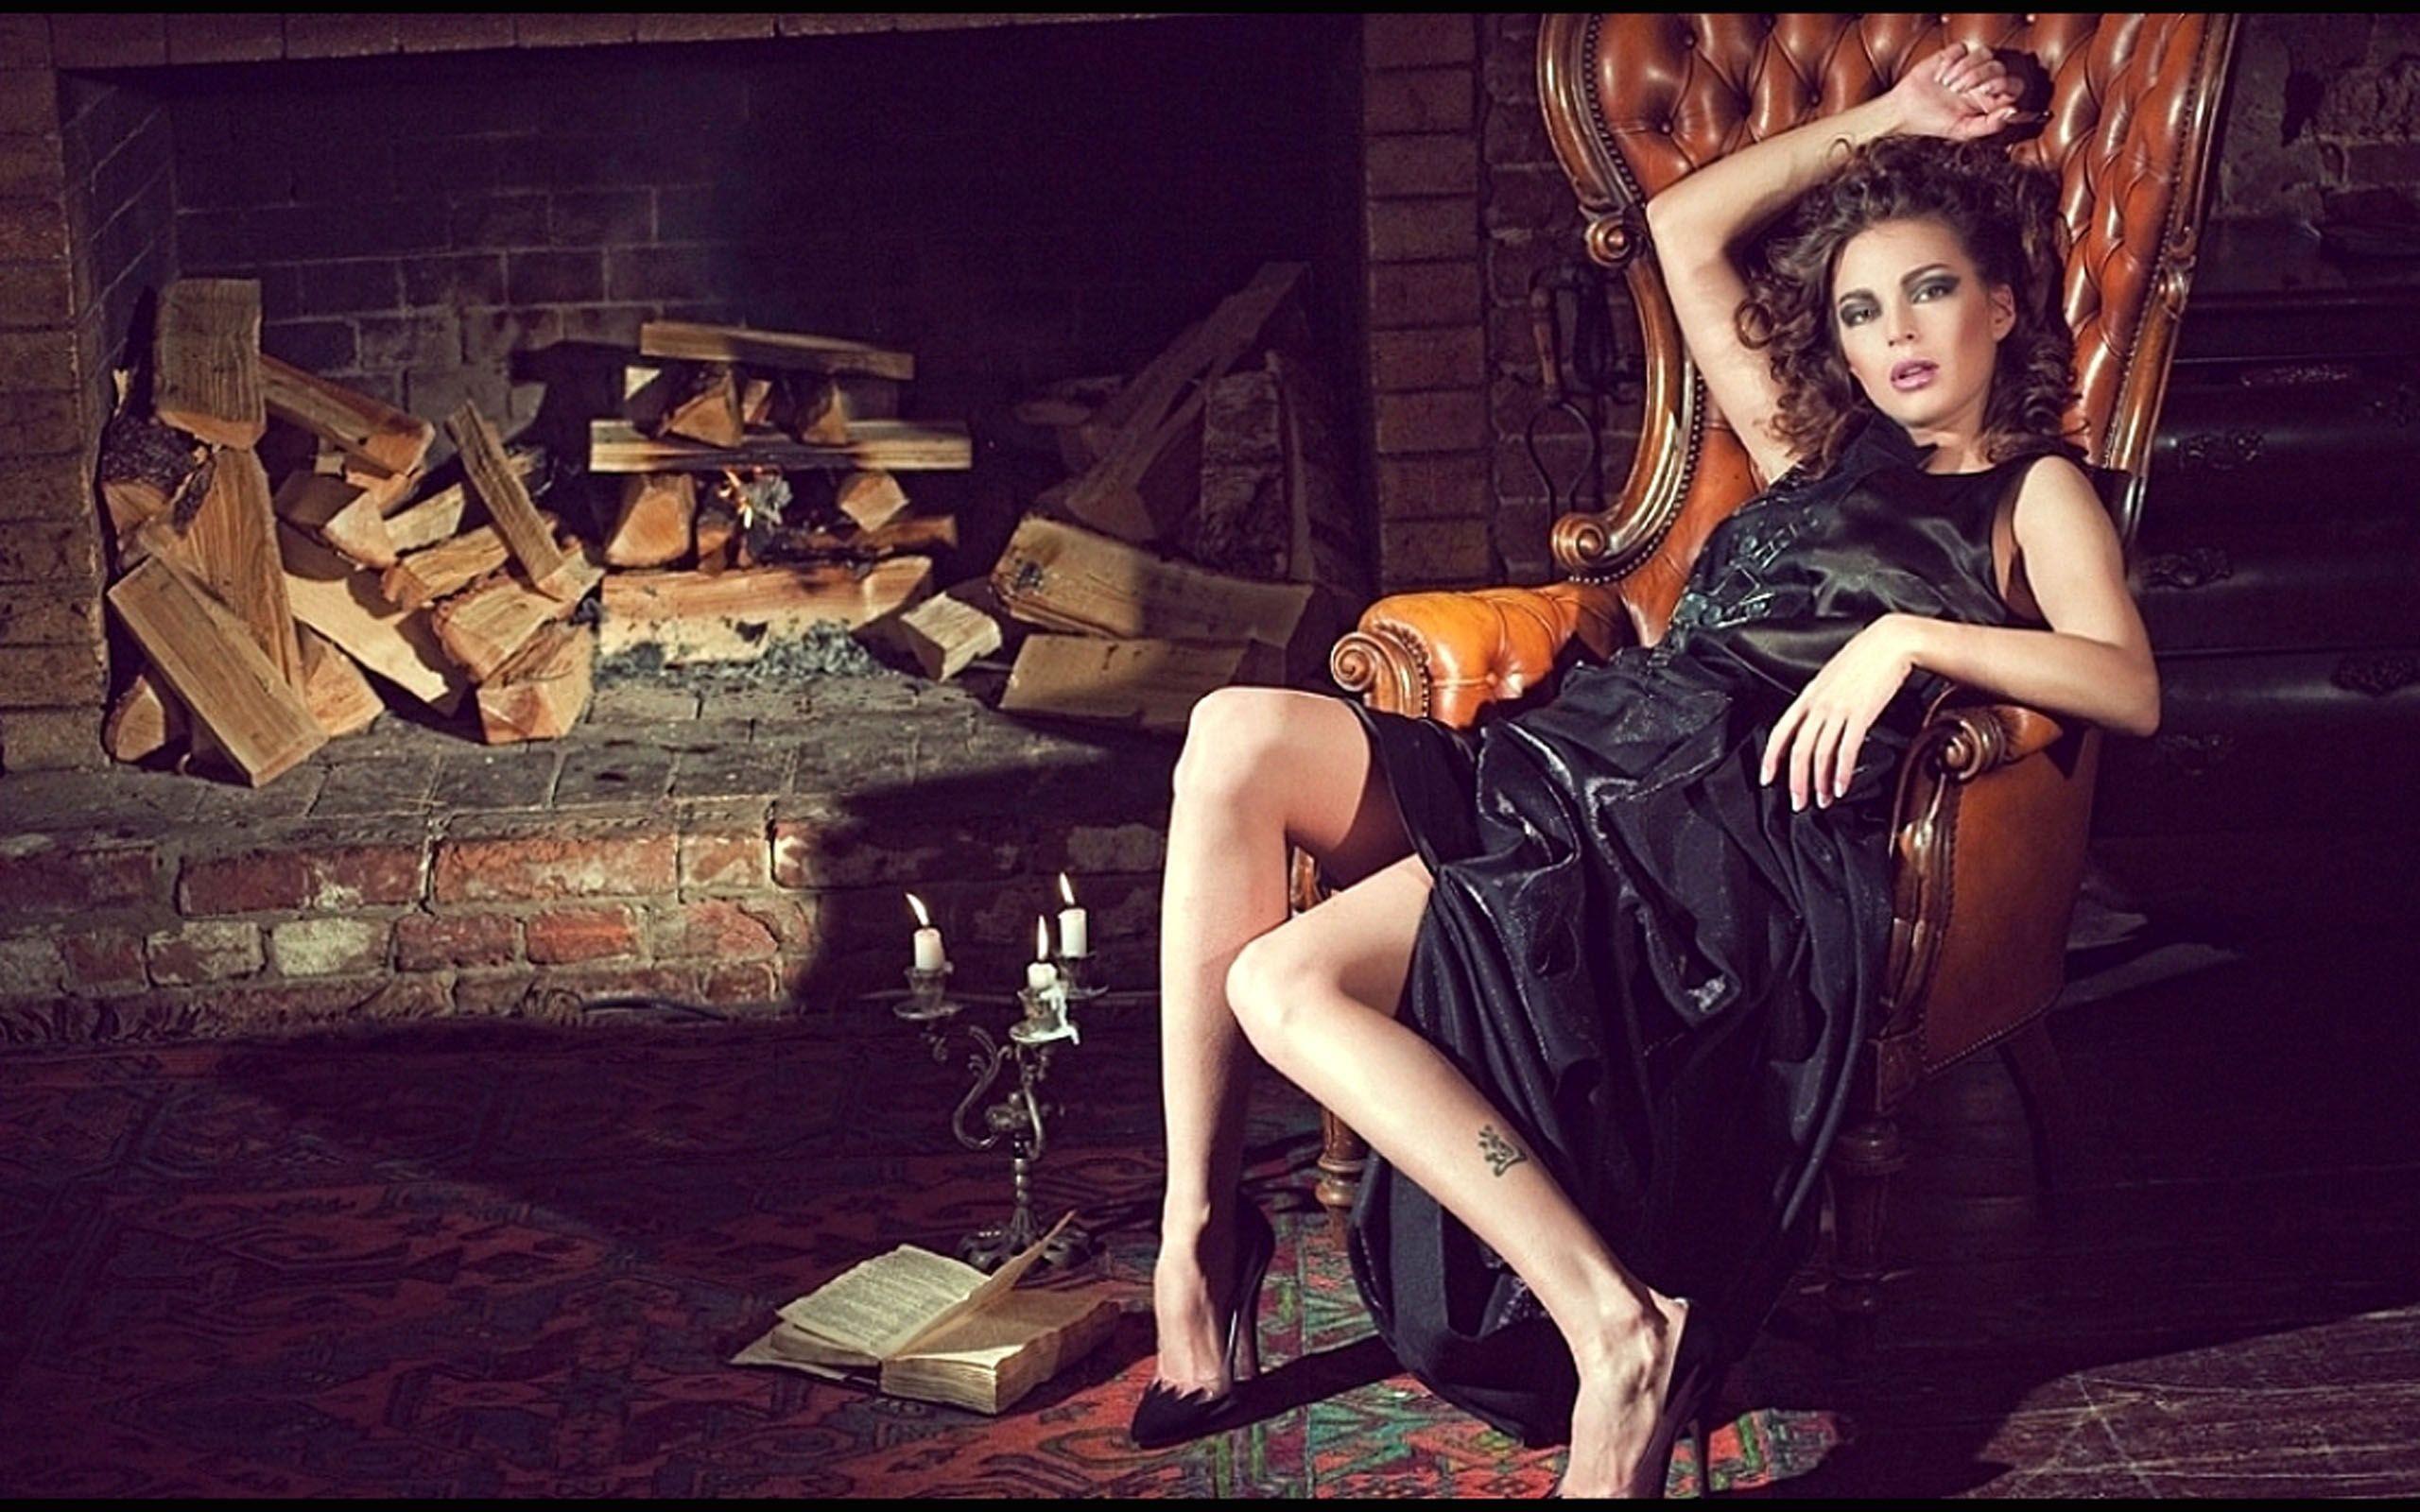 Celebrity Agnija Ditkovskyte nude (71 photos), Topless, Cleavage, Feet, panties 2020